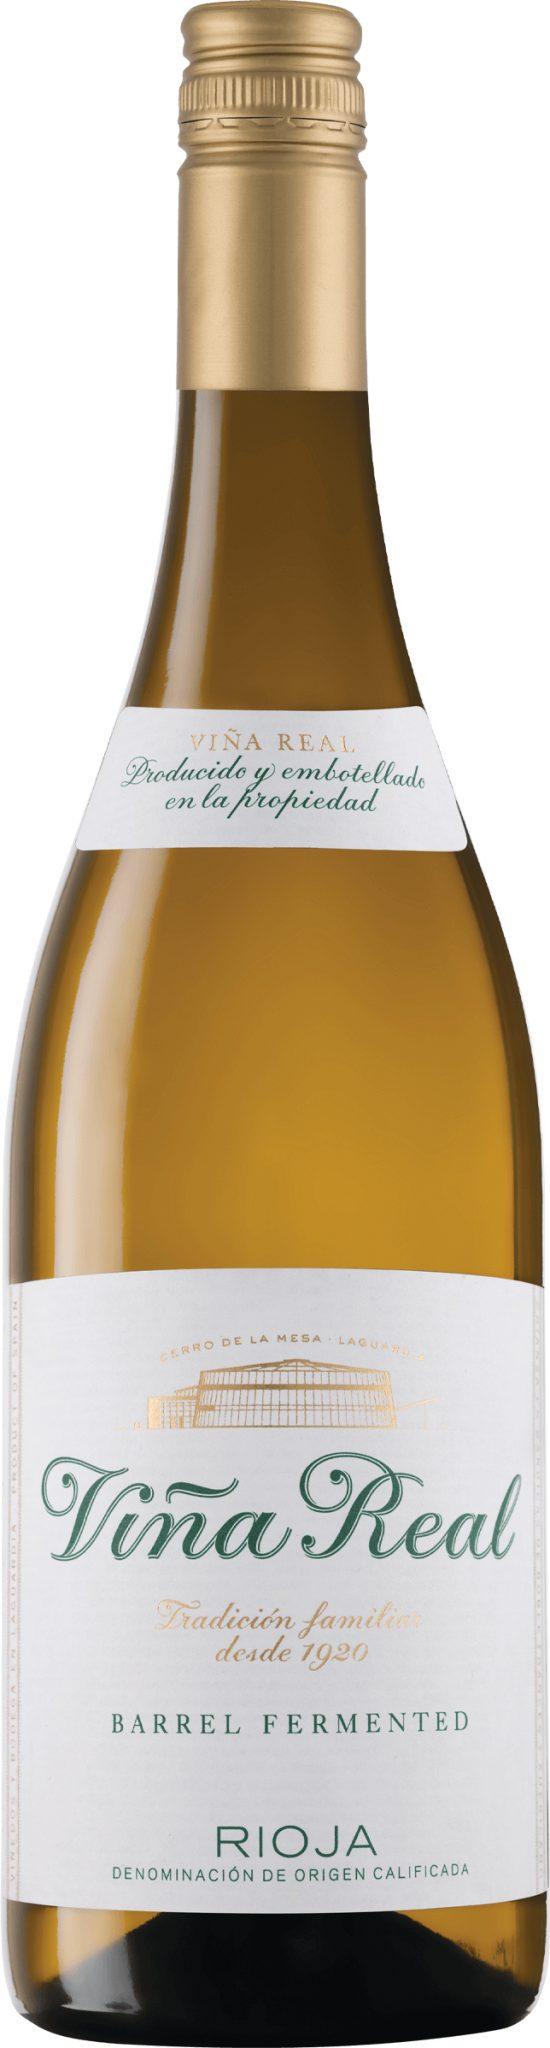 Cune - Vina Real Barrel Fermented Blanco 2017 75cl Bottle